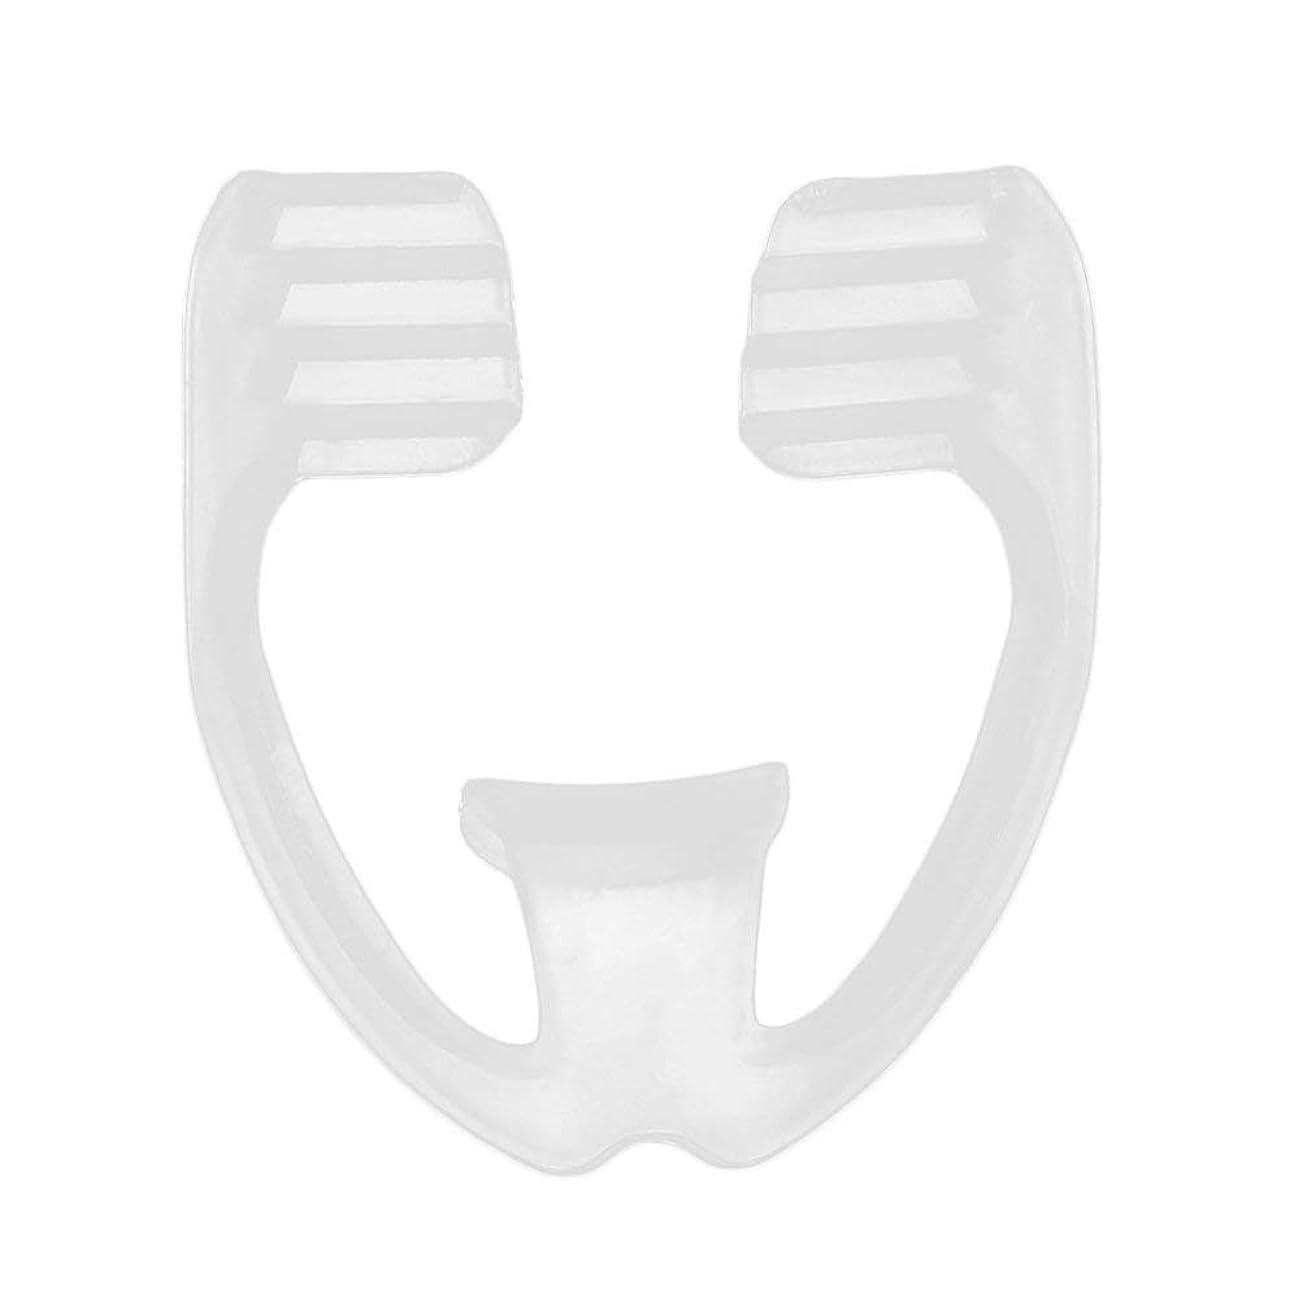 ペダルリングバック敏感なユニバーサルナイトスリープマウスガードストップ歯ひび割れ防止いびきボディヘルスケア睡眠補助ガード - 透明